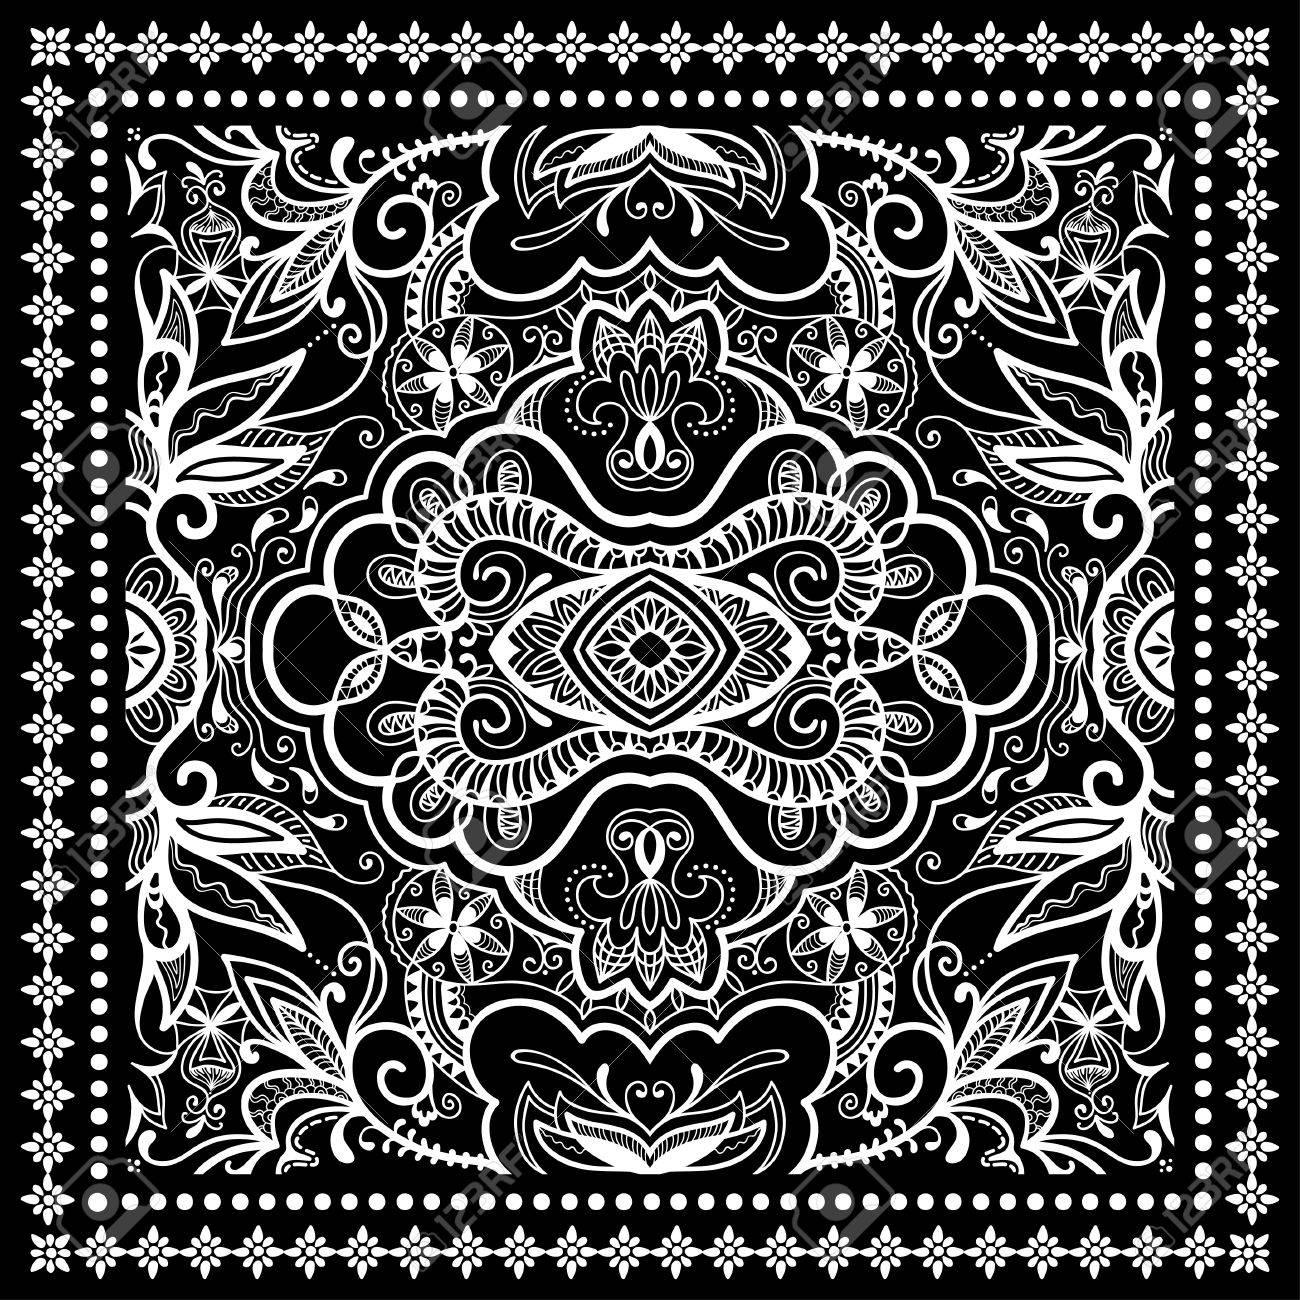 44afc02a Negro Bandana impresión, bufanda o pañuelo de seda patrón cuadrado estilo  de diseño para la impresión sobre tela, ilustración vectorial.